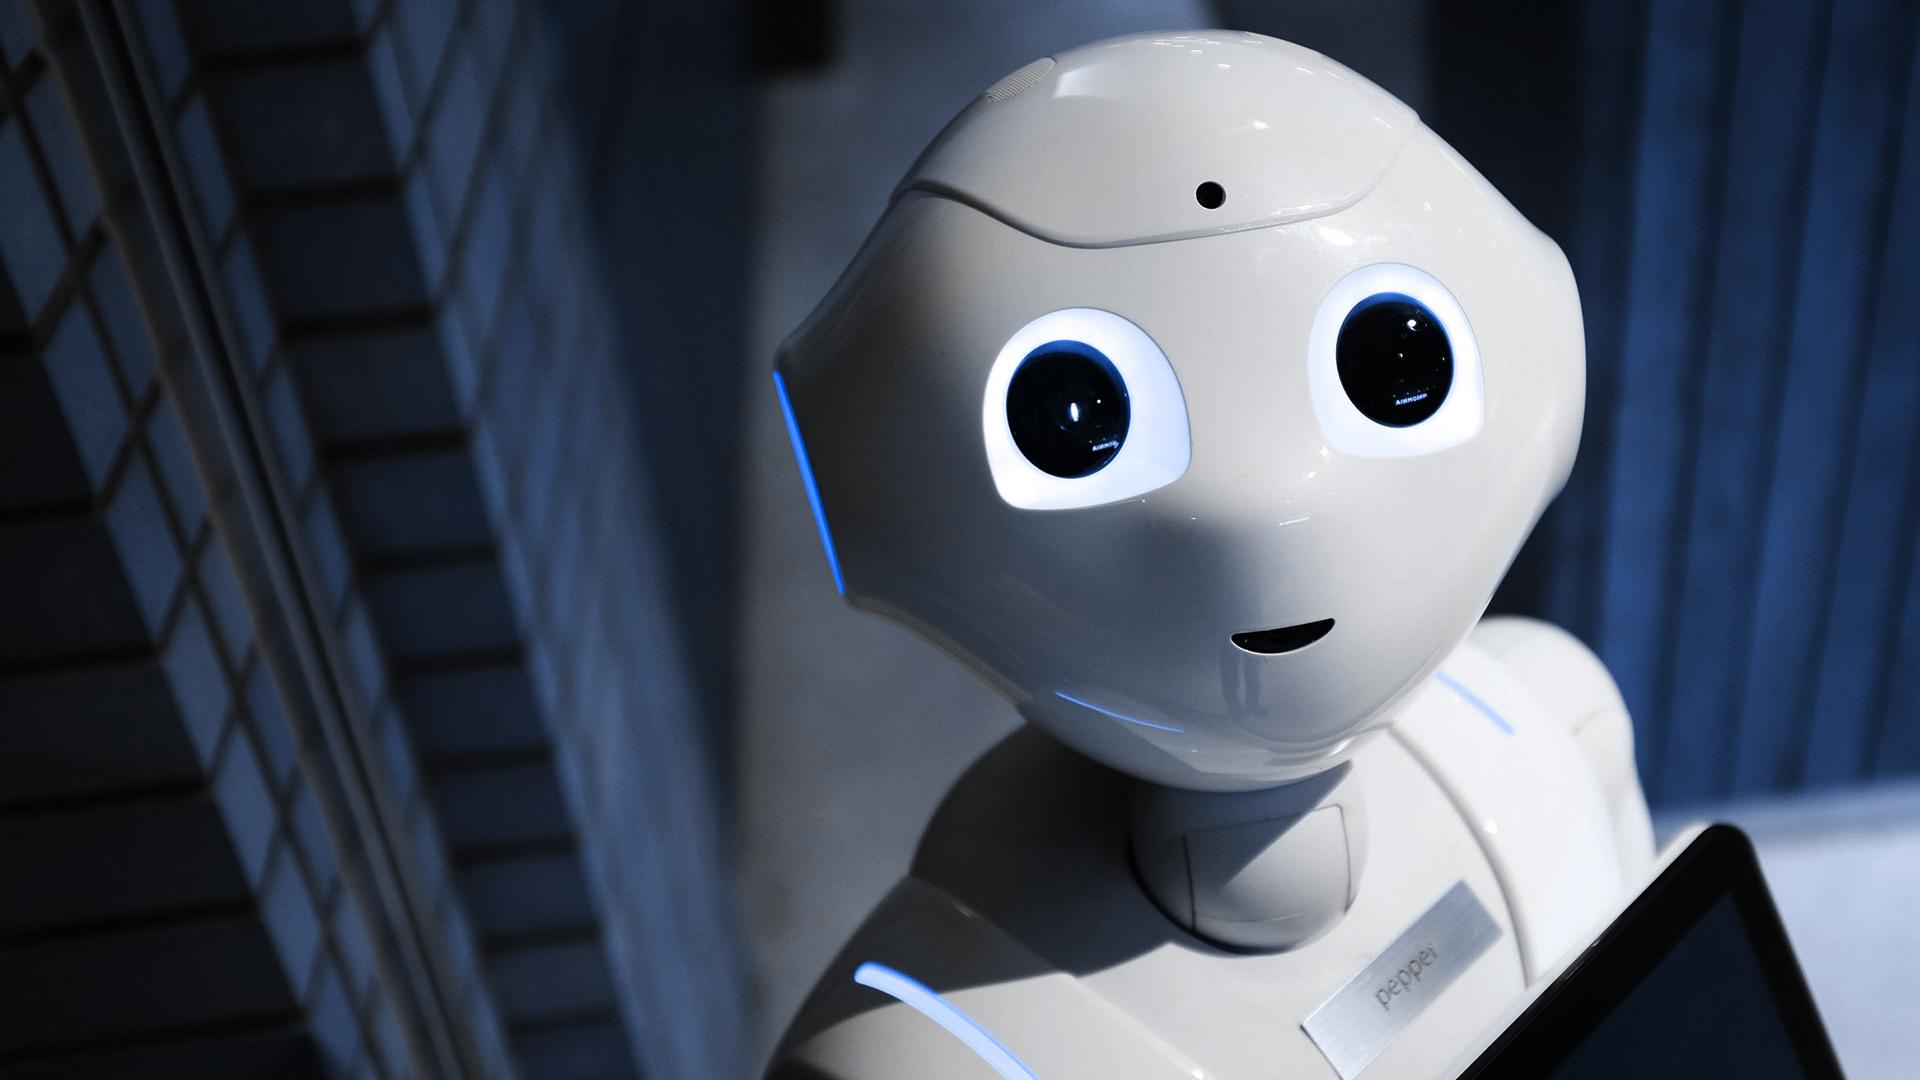 Faut-il avoir peur de l'intelligence artificielle?